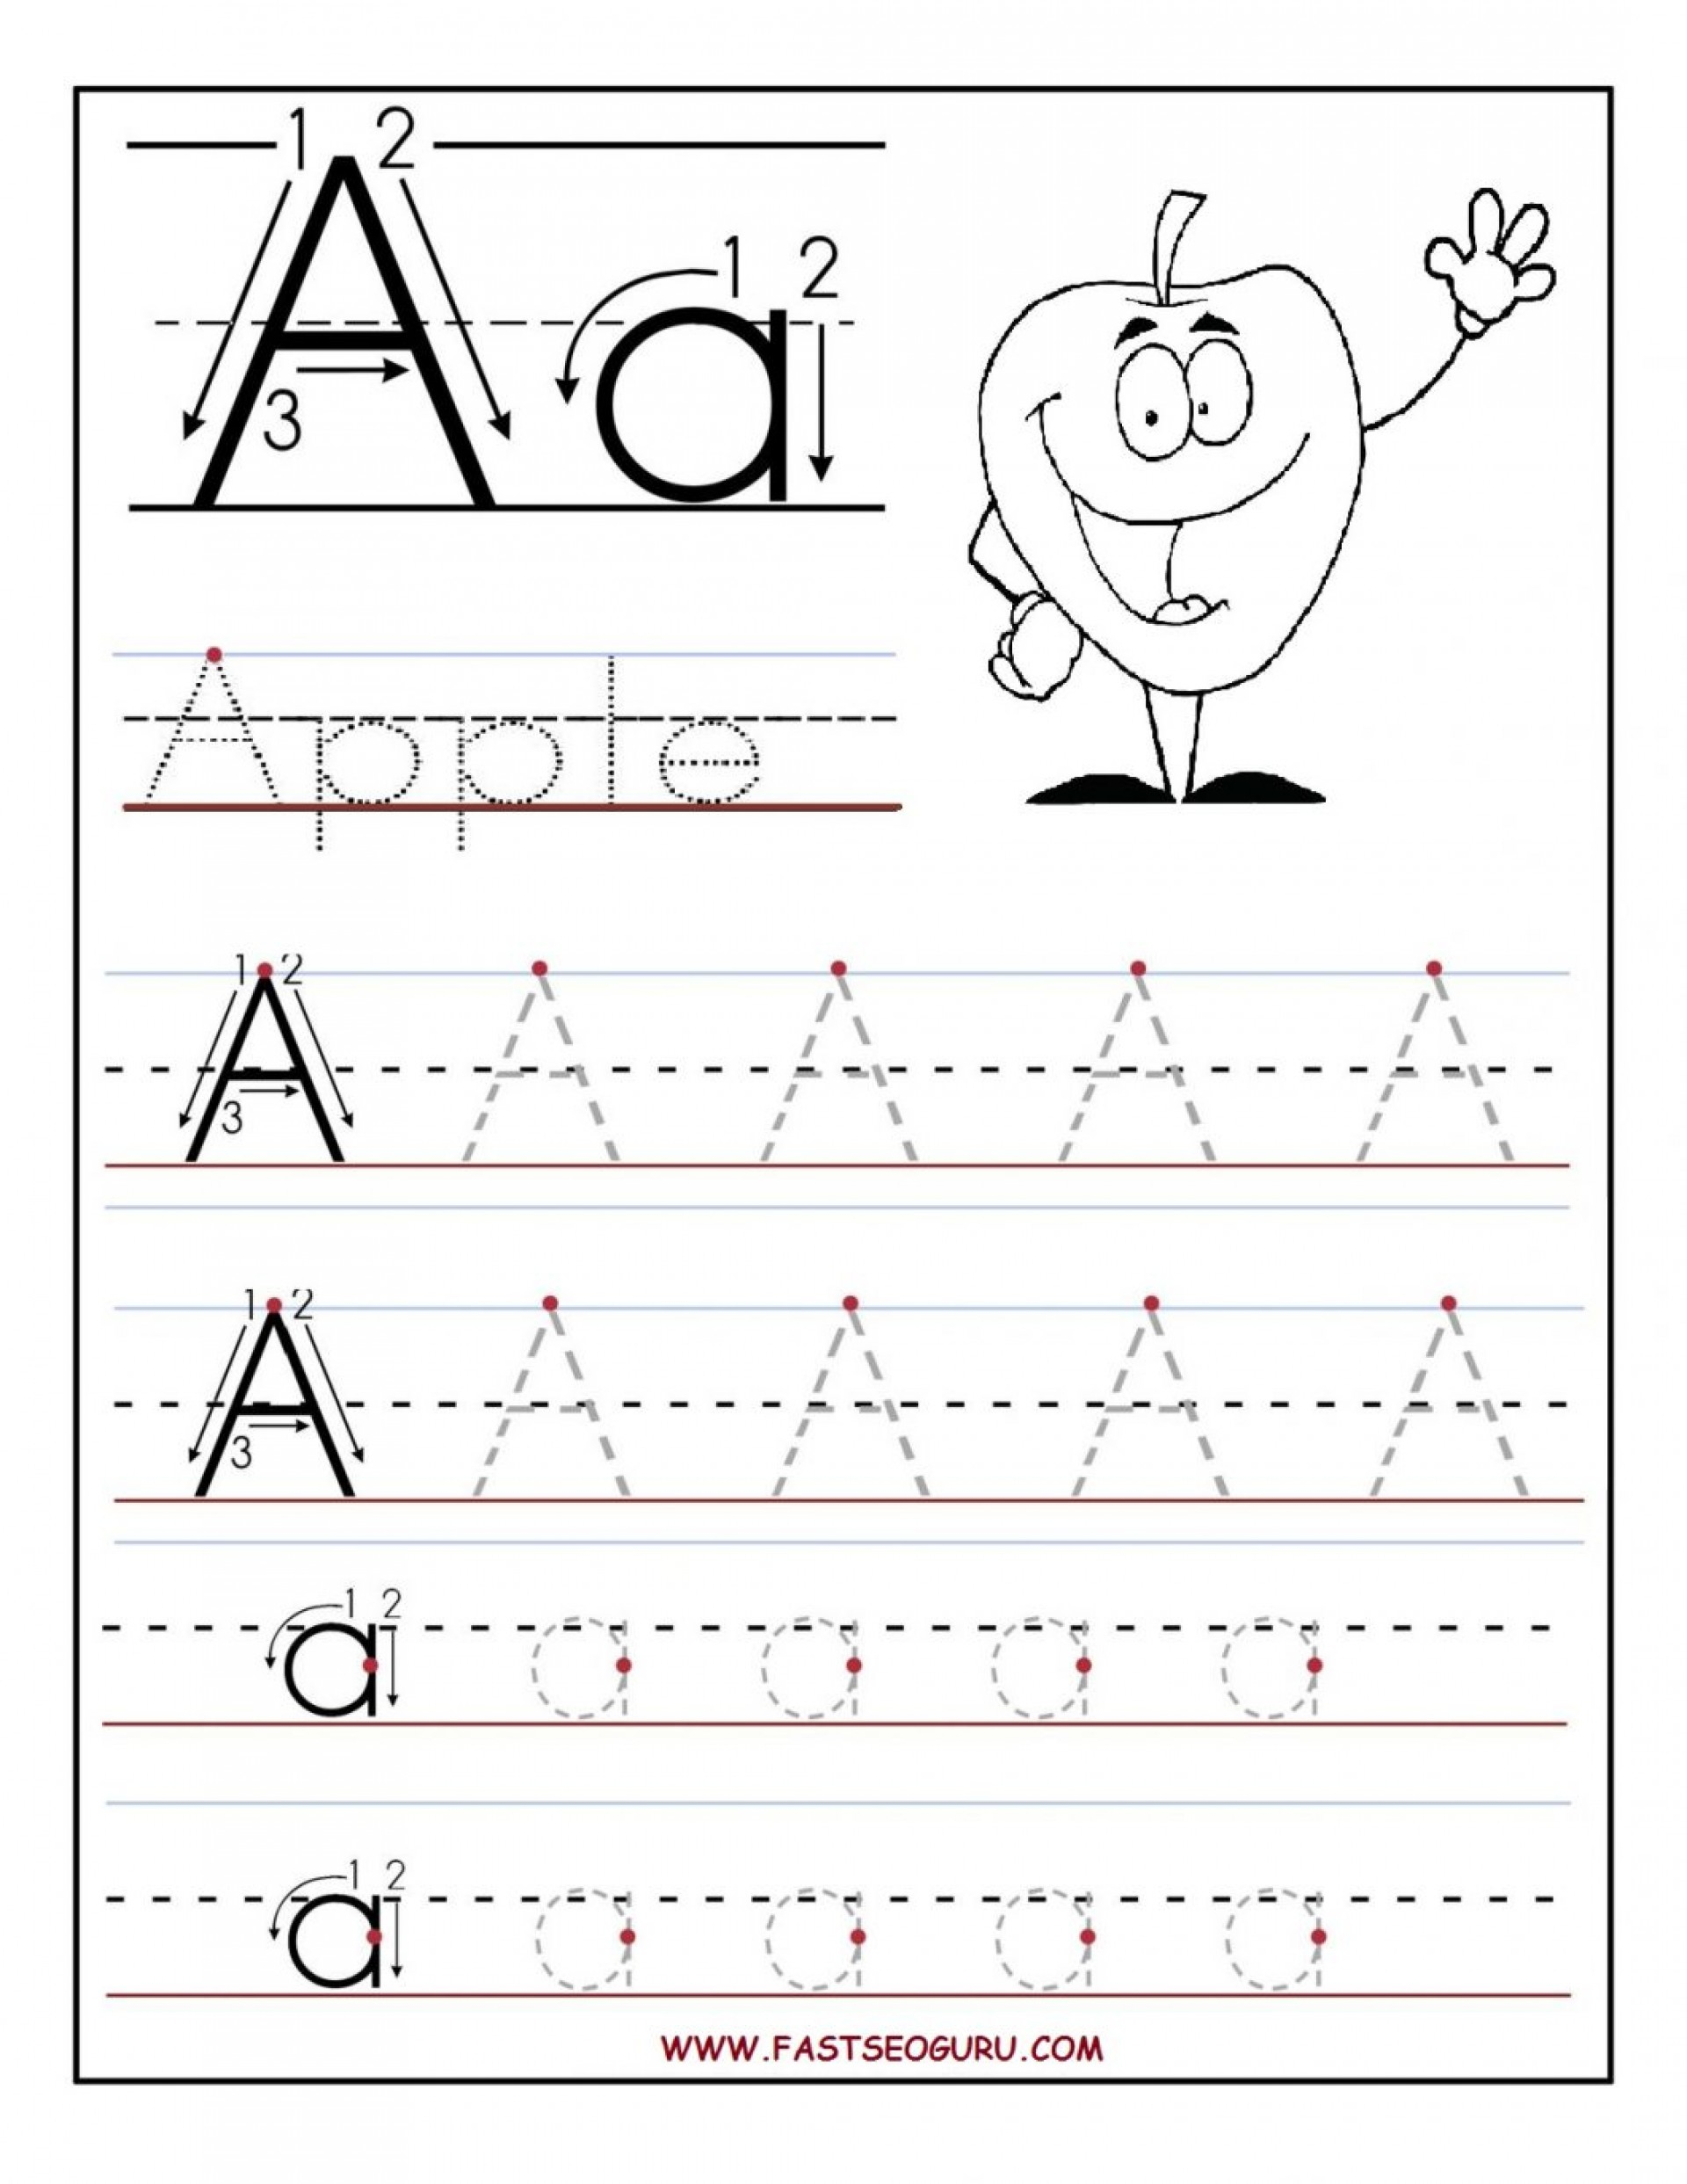 Reading Worksheets Free Printing For Kindergarten Worksheet inside Letter I Printable Worksheets